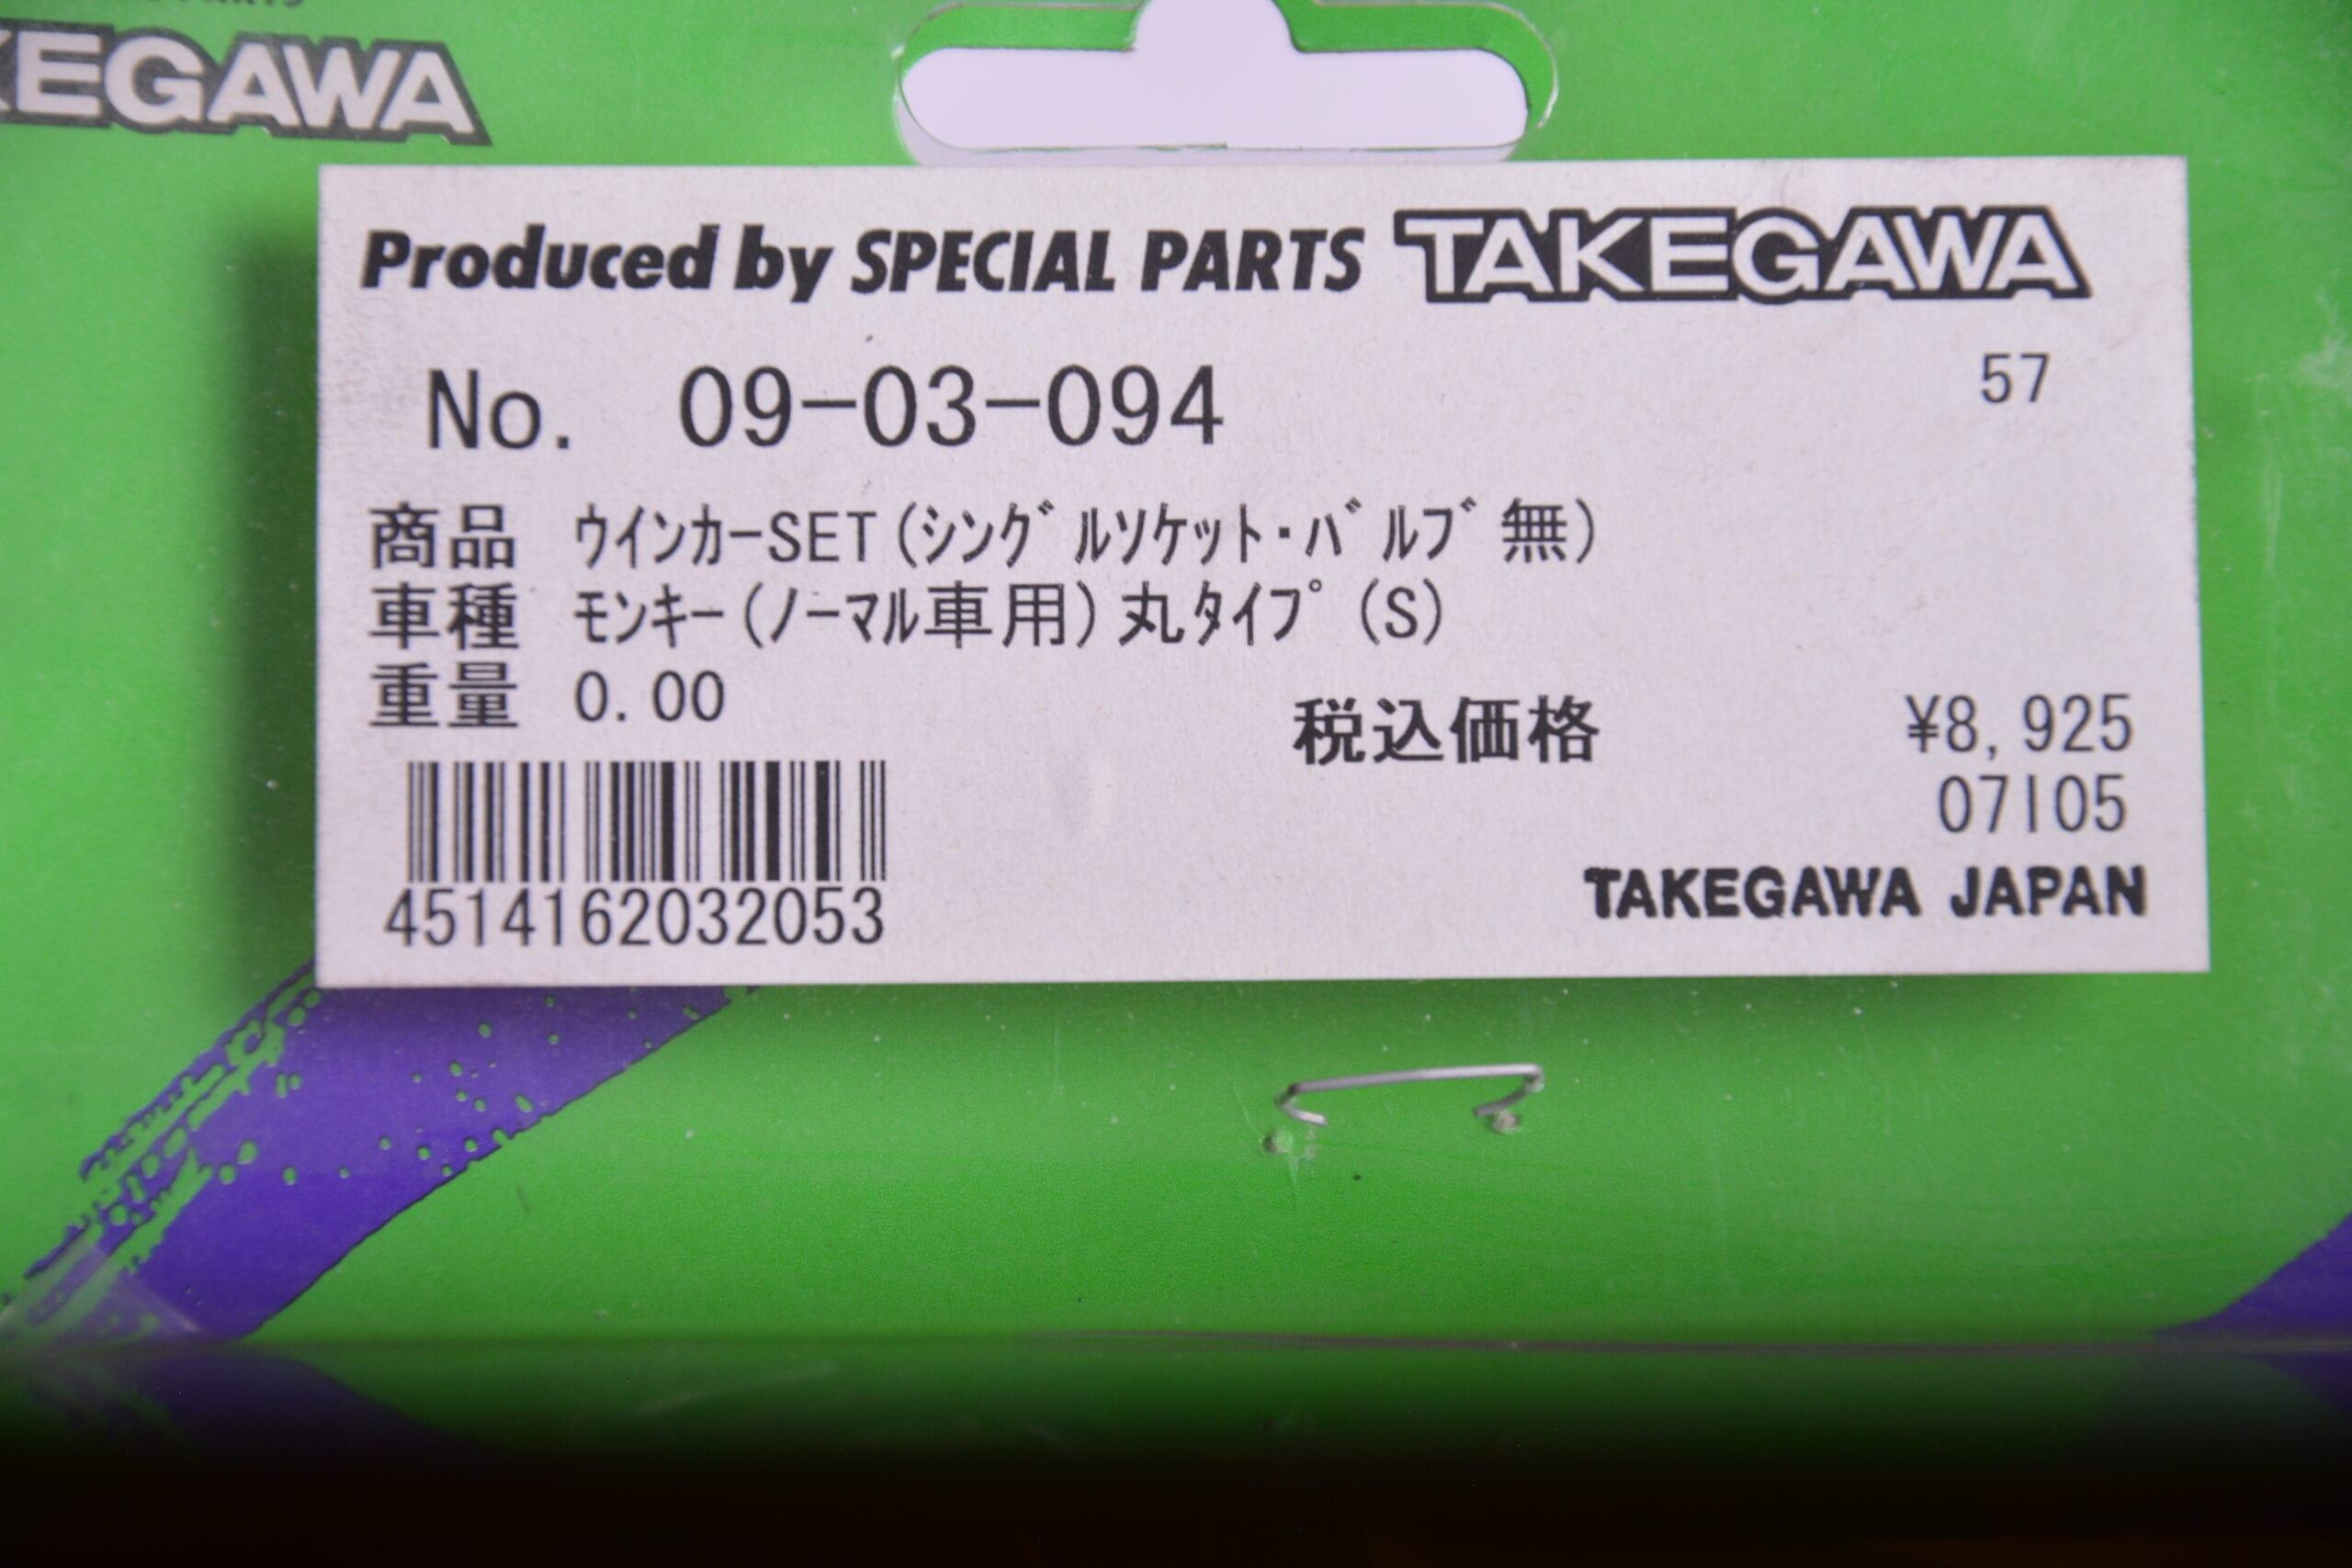 09-03-094 blinker set Takegawa